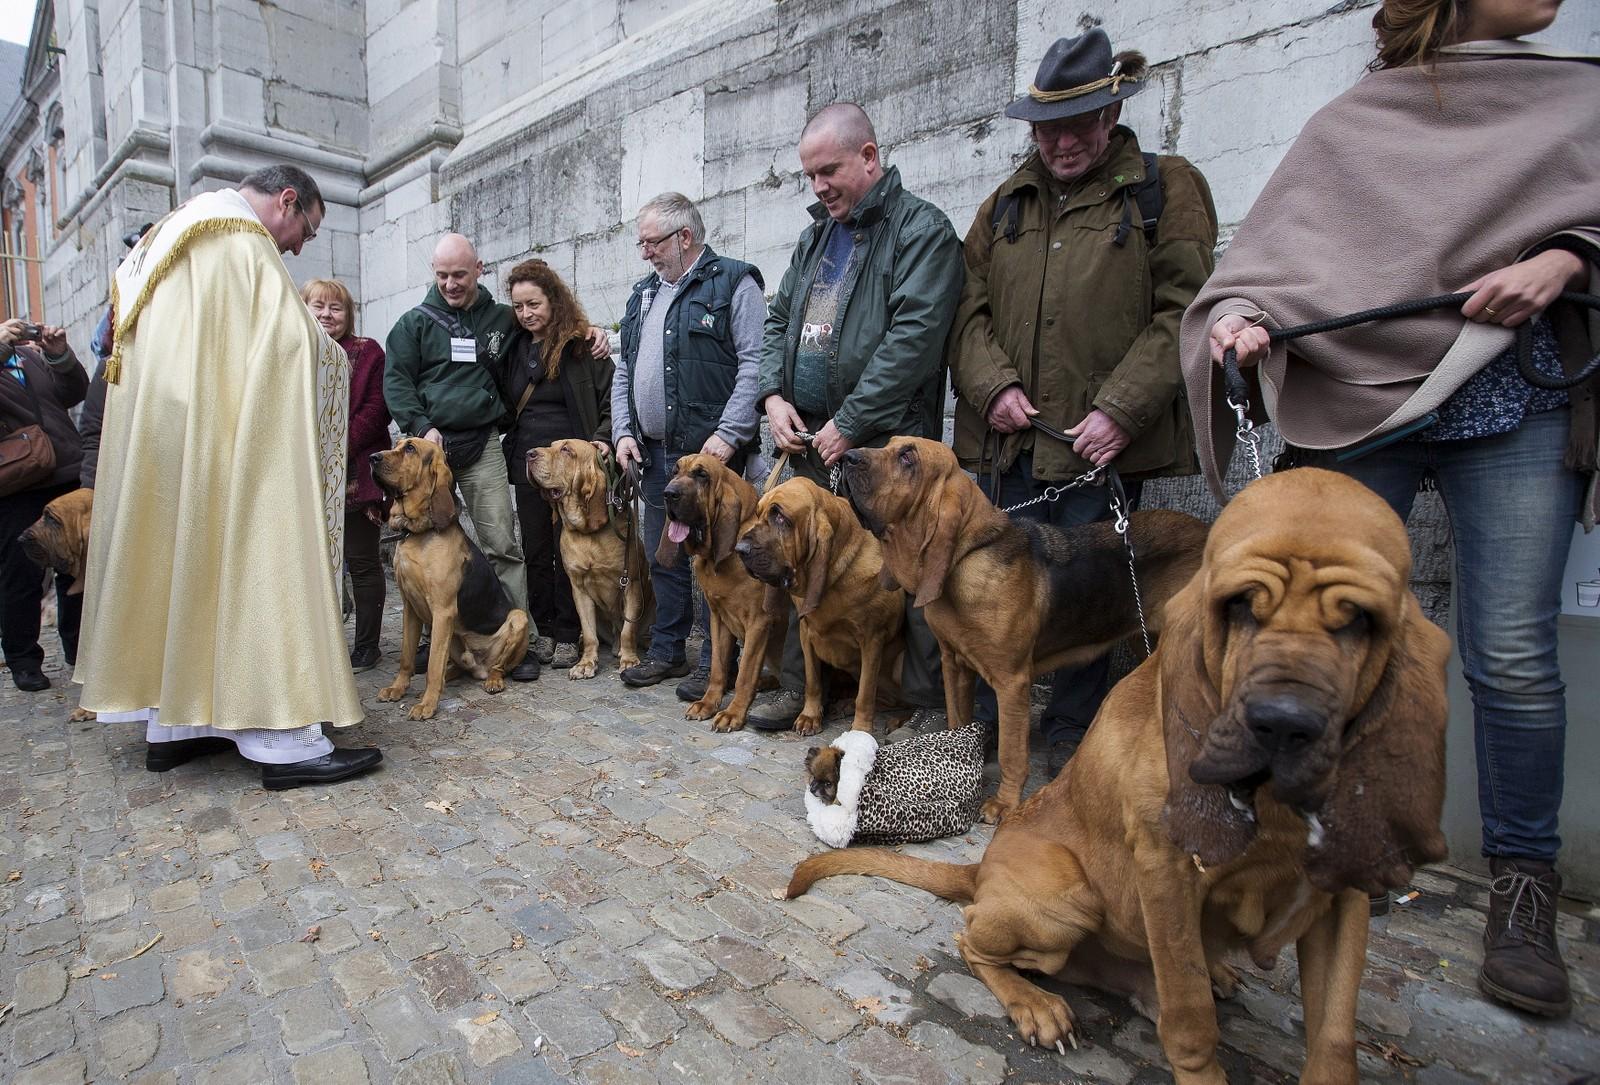 Den belgiske presten Philippe Goosse velsigna disse hundene under en seremoni denne uka. Det hele foregikk under feiringa av den dyreglade helgenen St.Hubert.